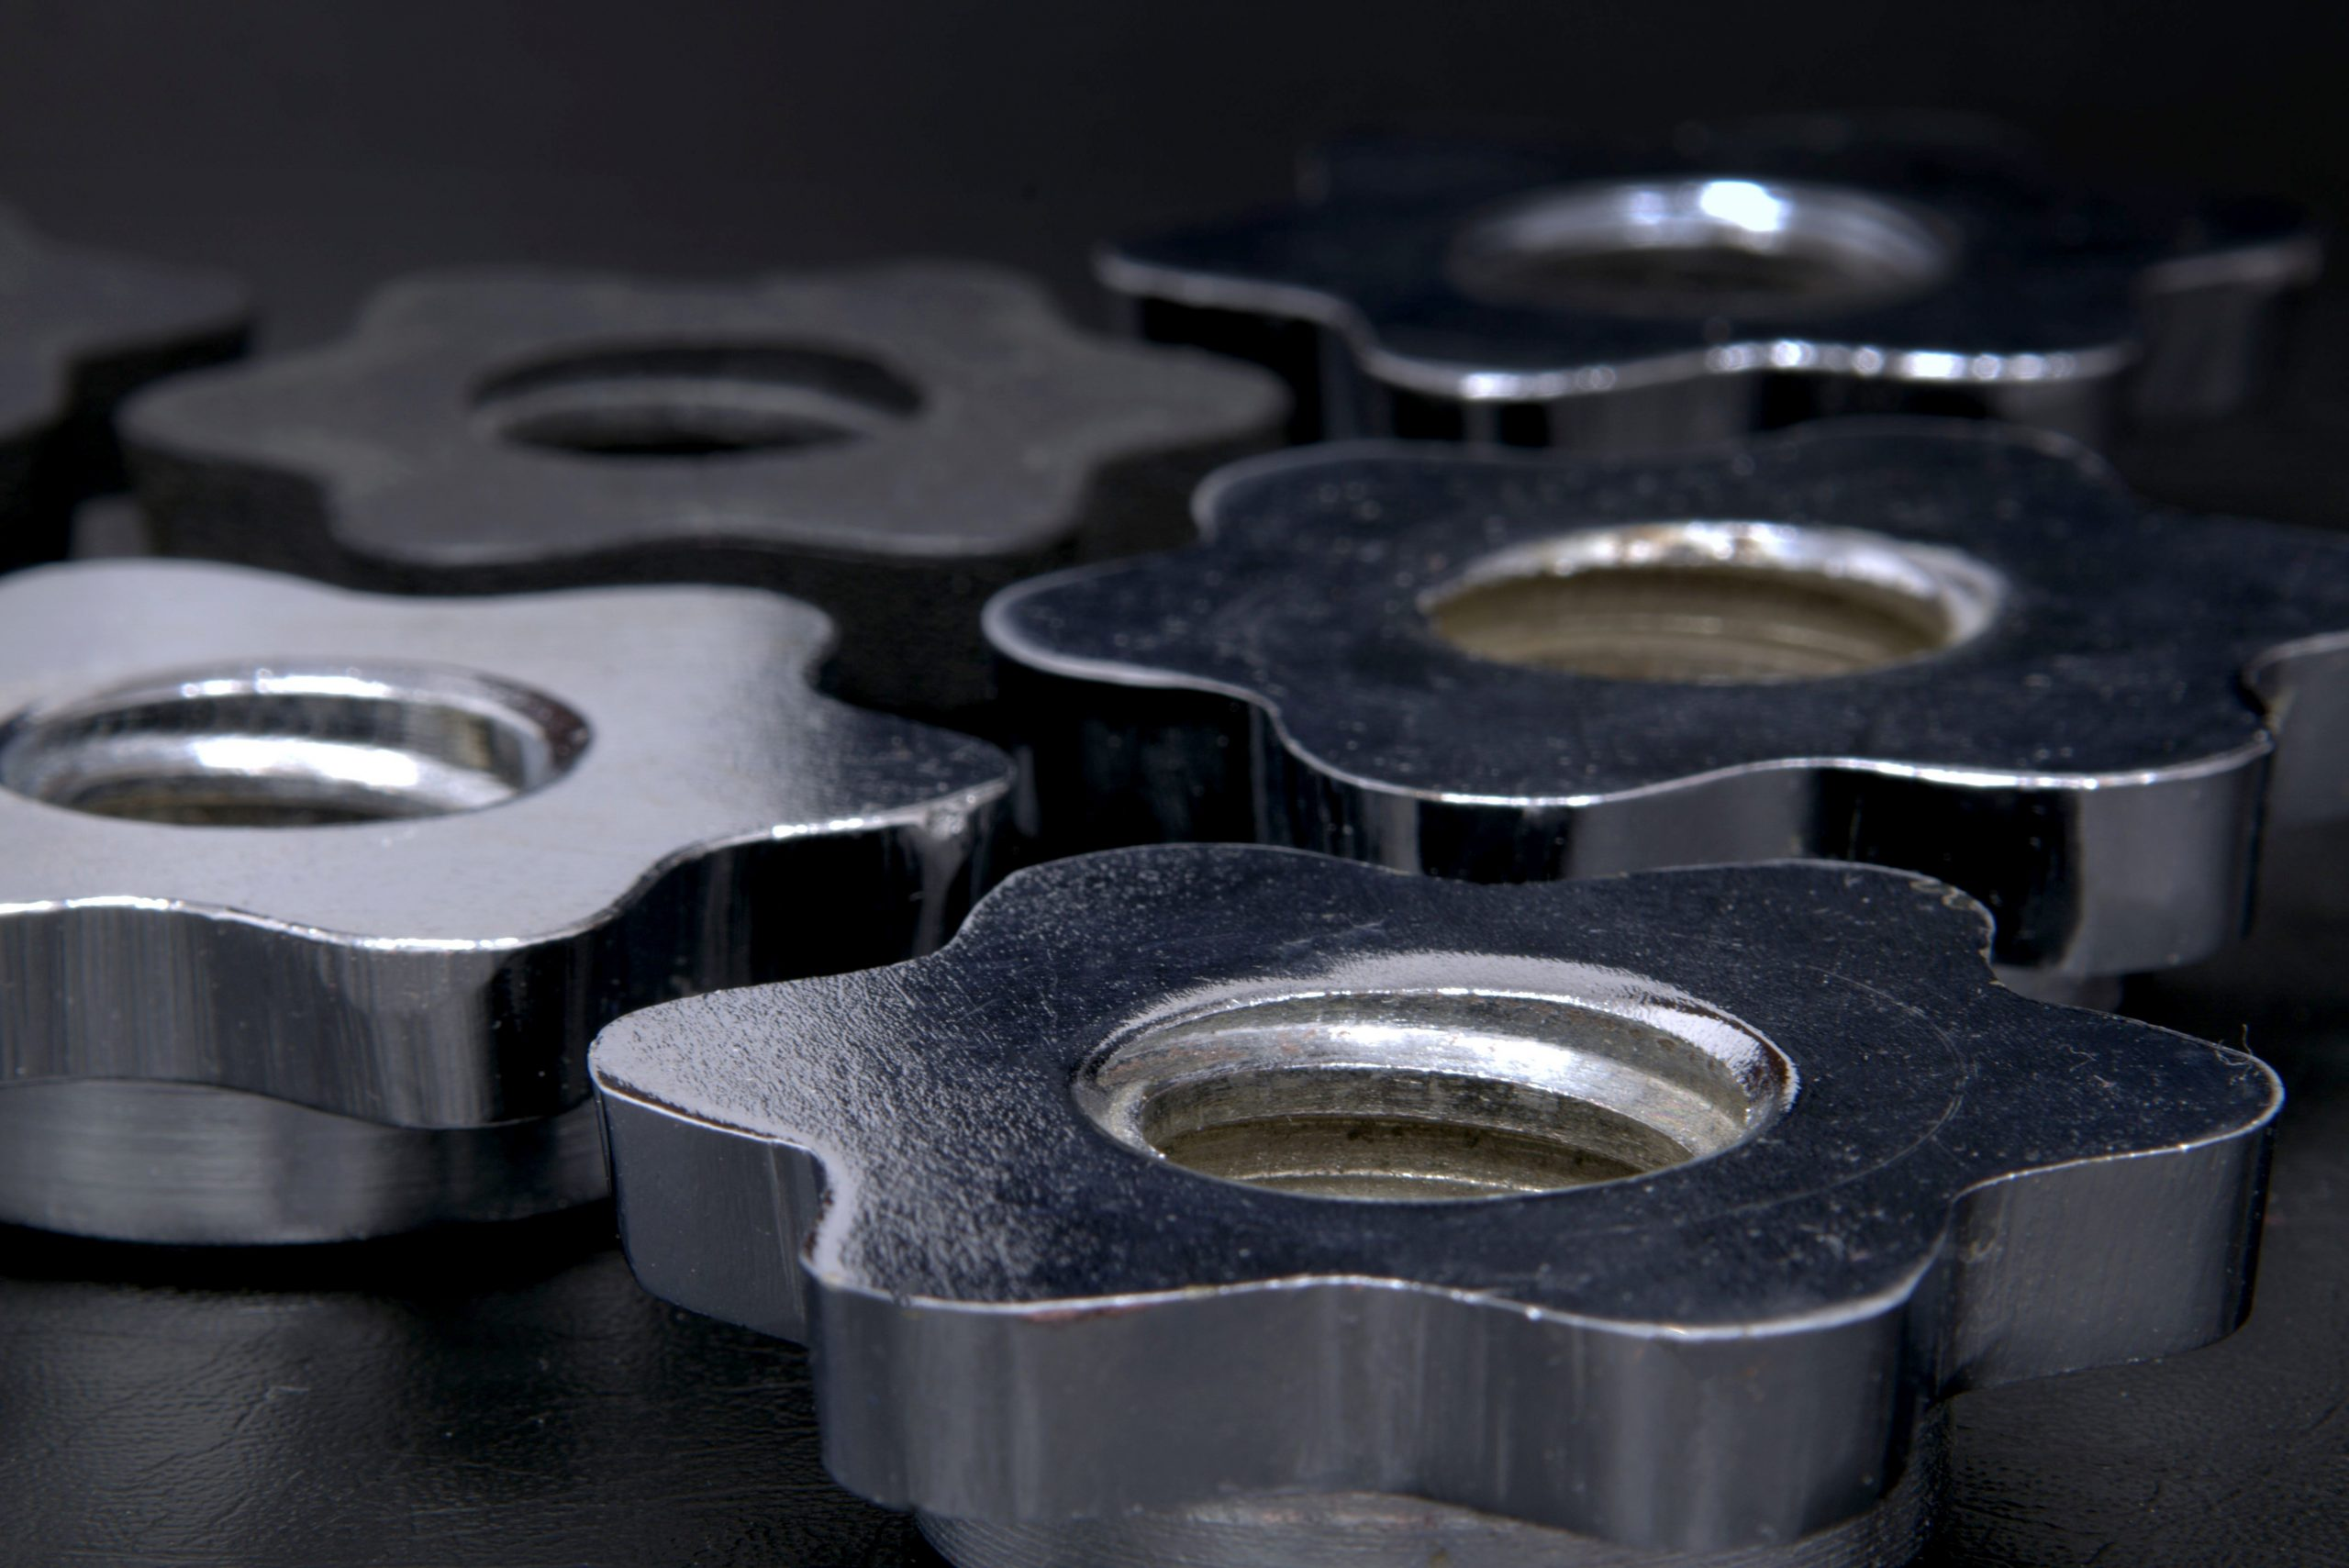 Servicios de mecanizado de piezas para maquinaria industrial